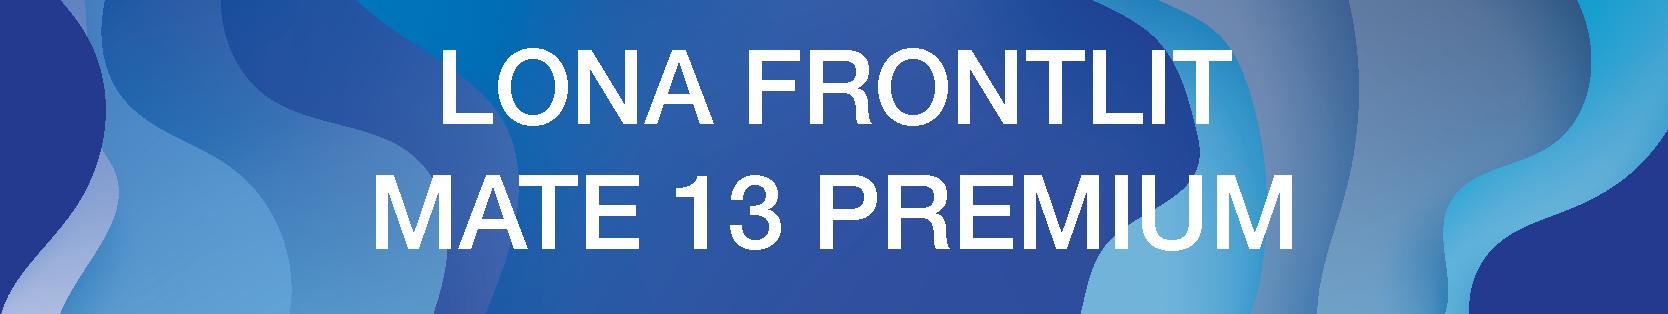 LONA FRONTLIT MATE 13-05.png